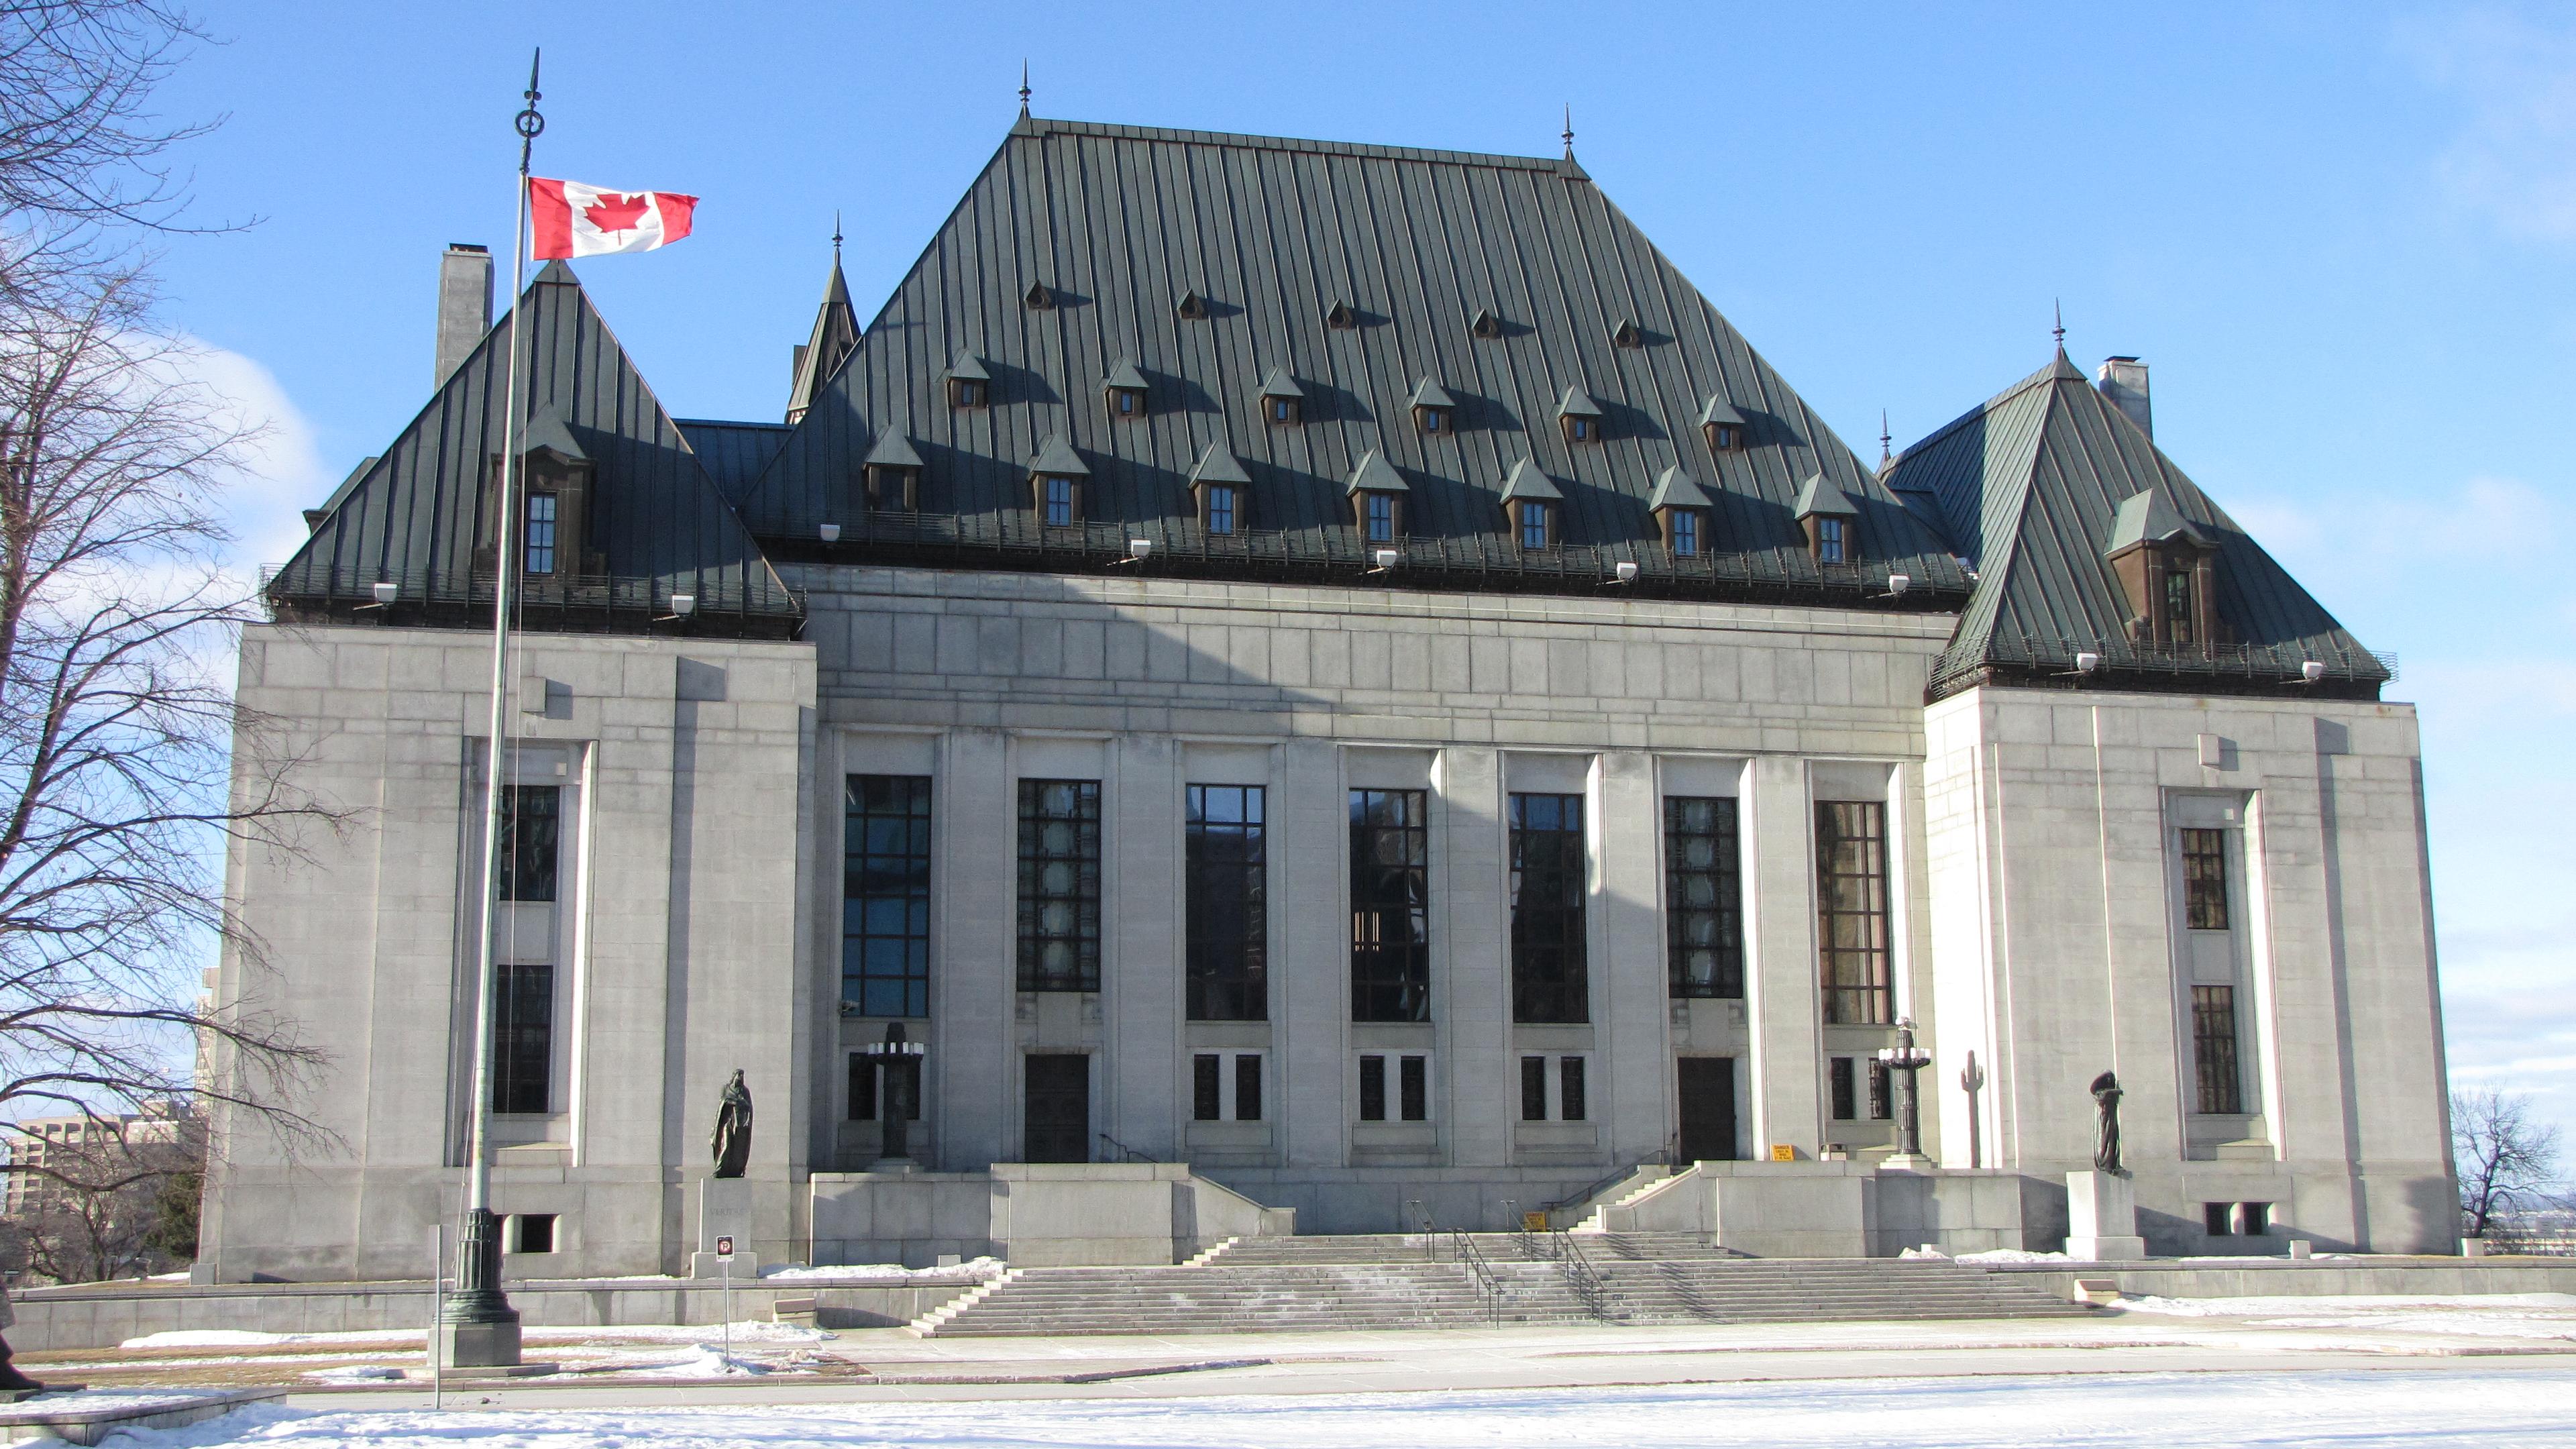 Canada's Supreme Court.